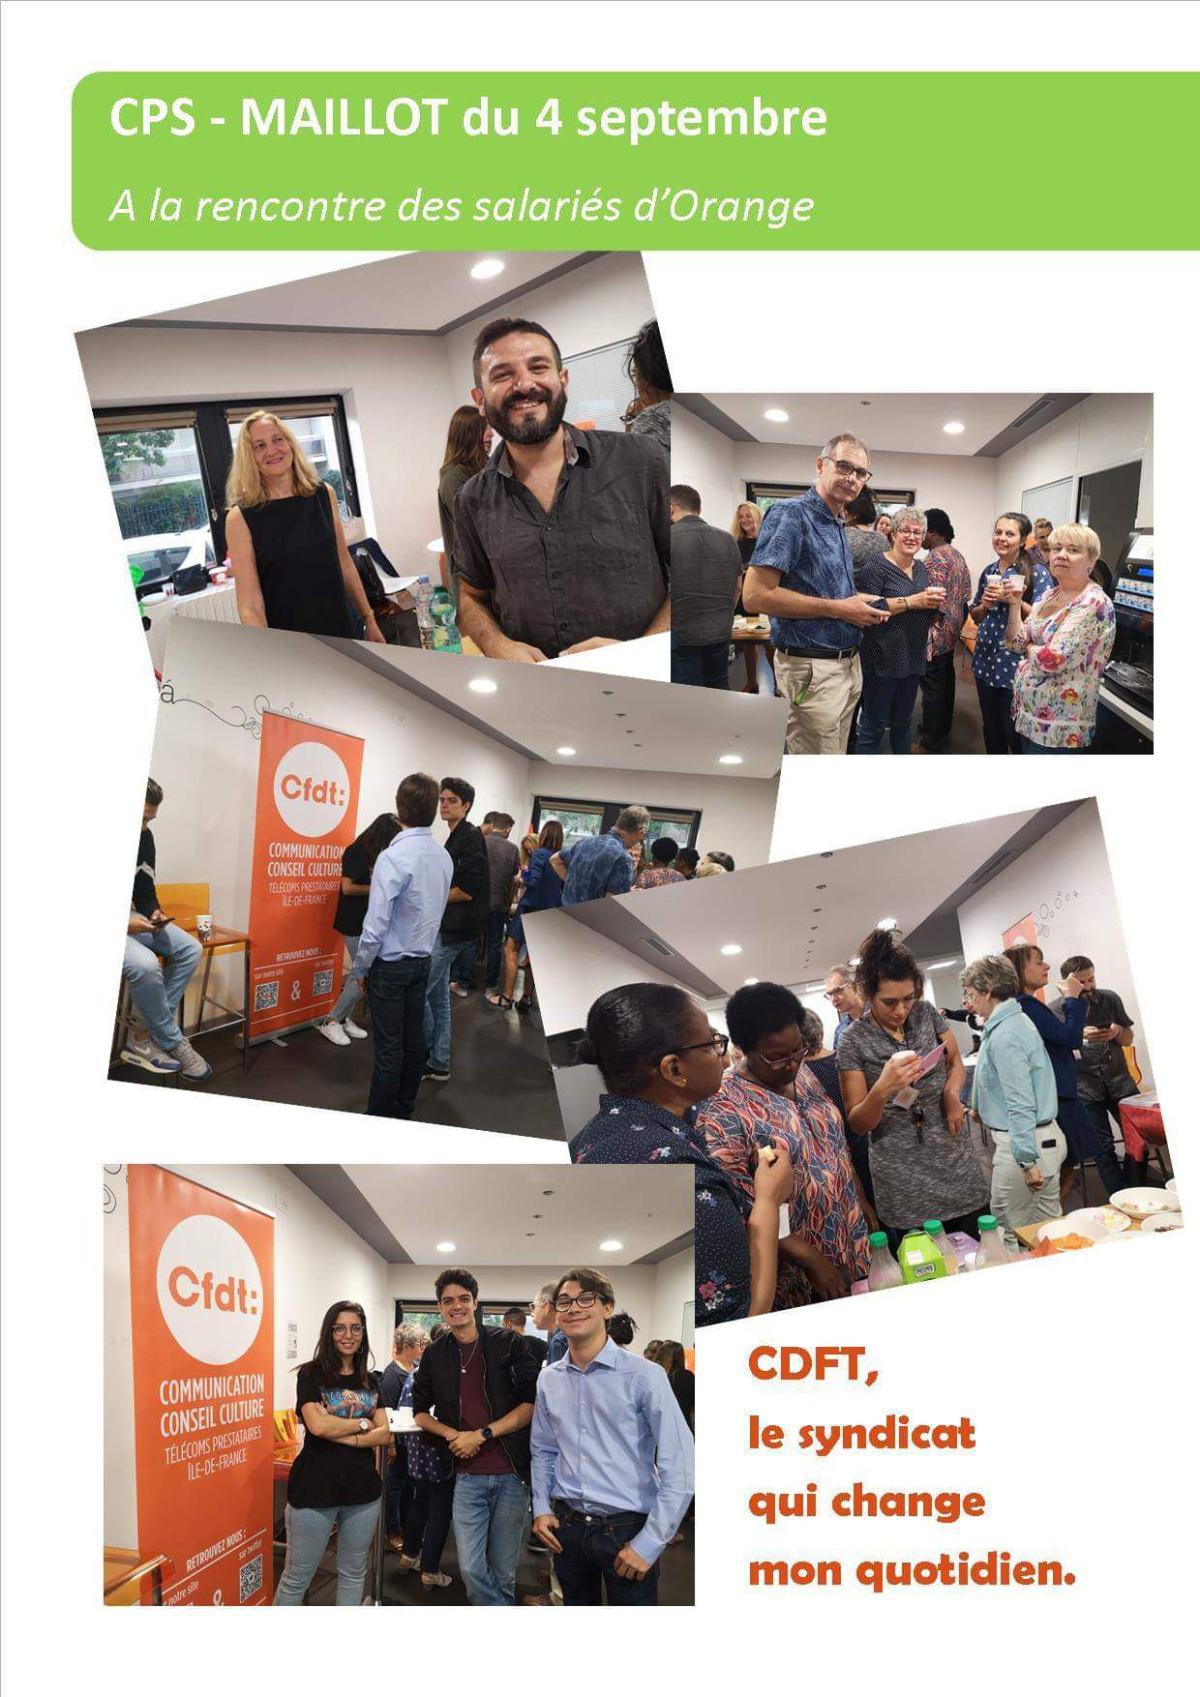 Rencontre CFDT à Maillot